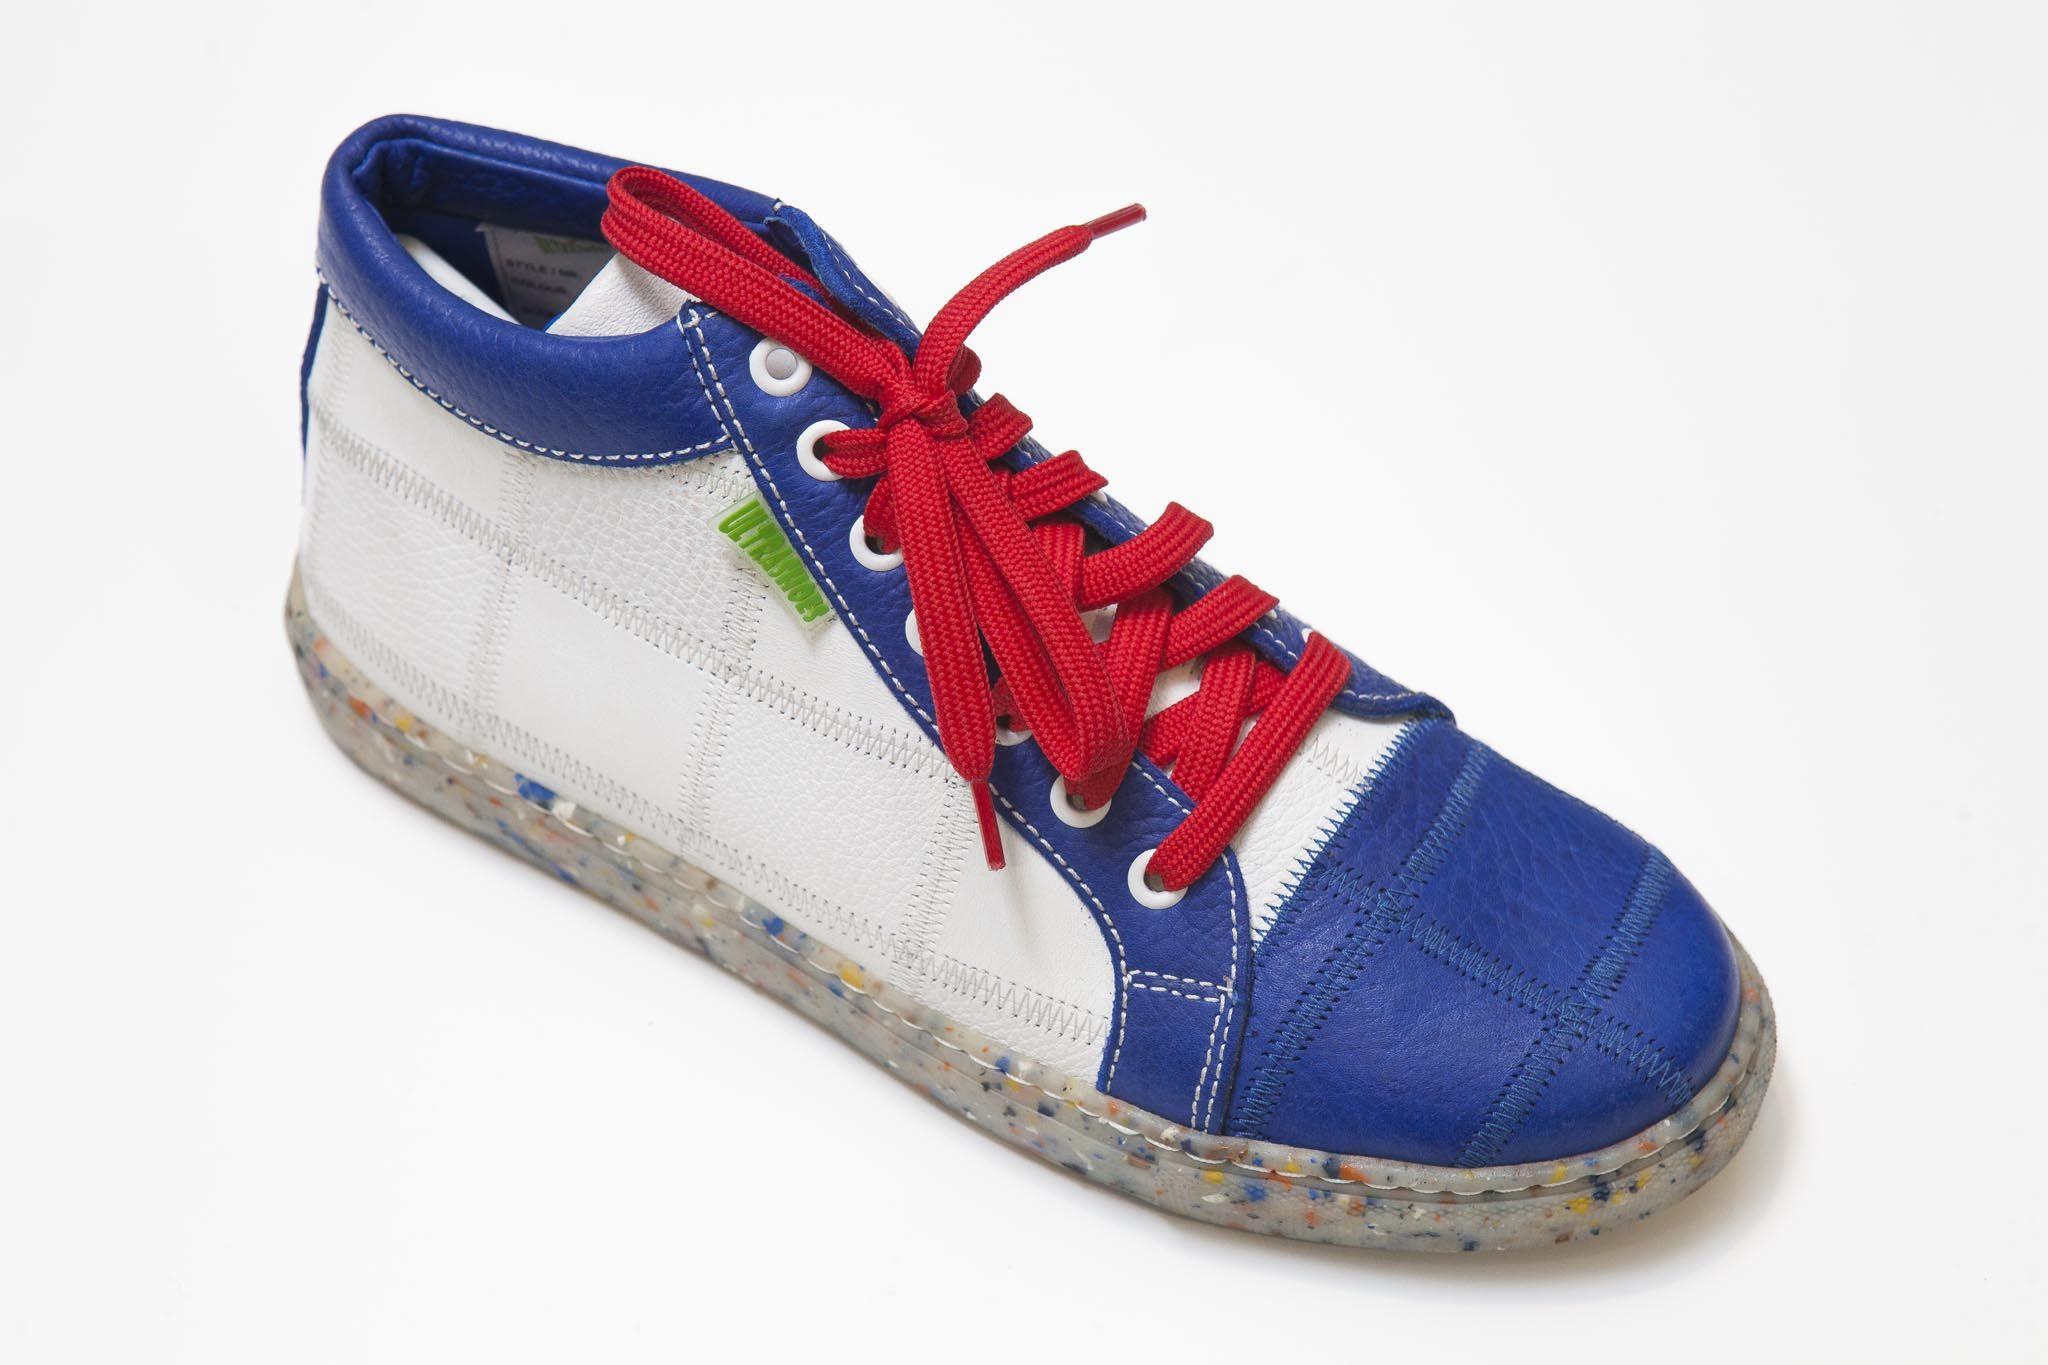 Expo Riva Schuh 2015: i brand di scarpe maschili più cool